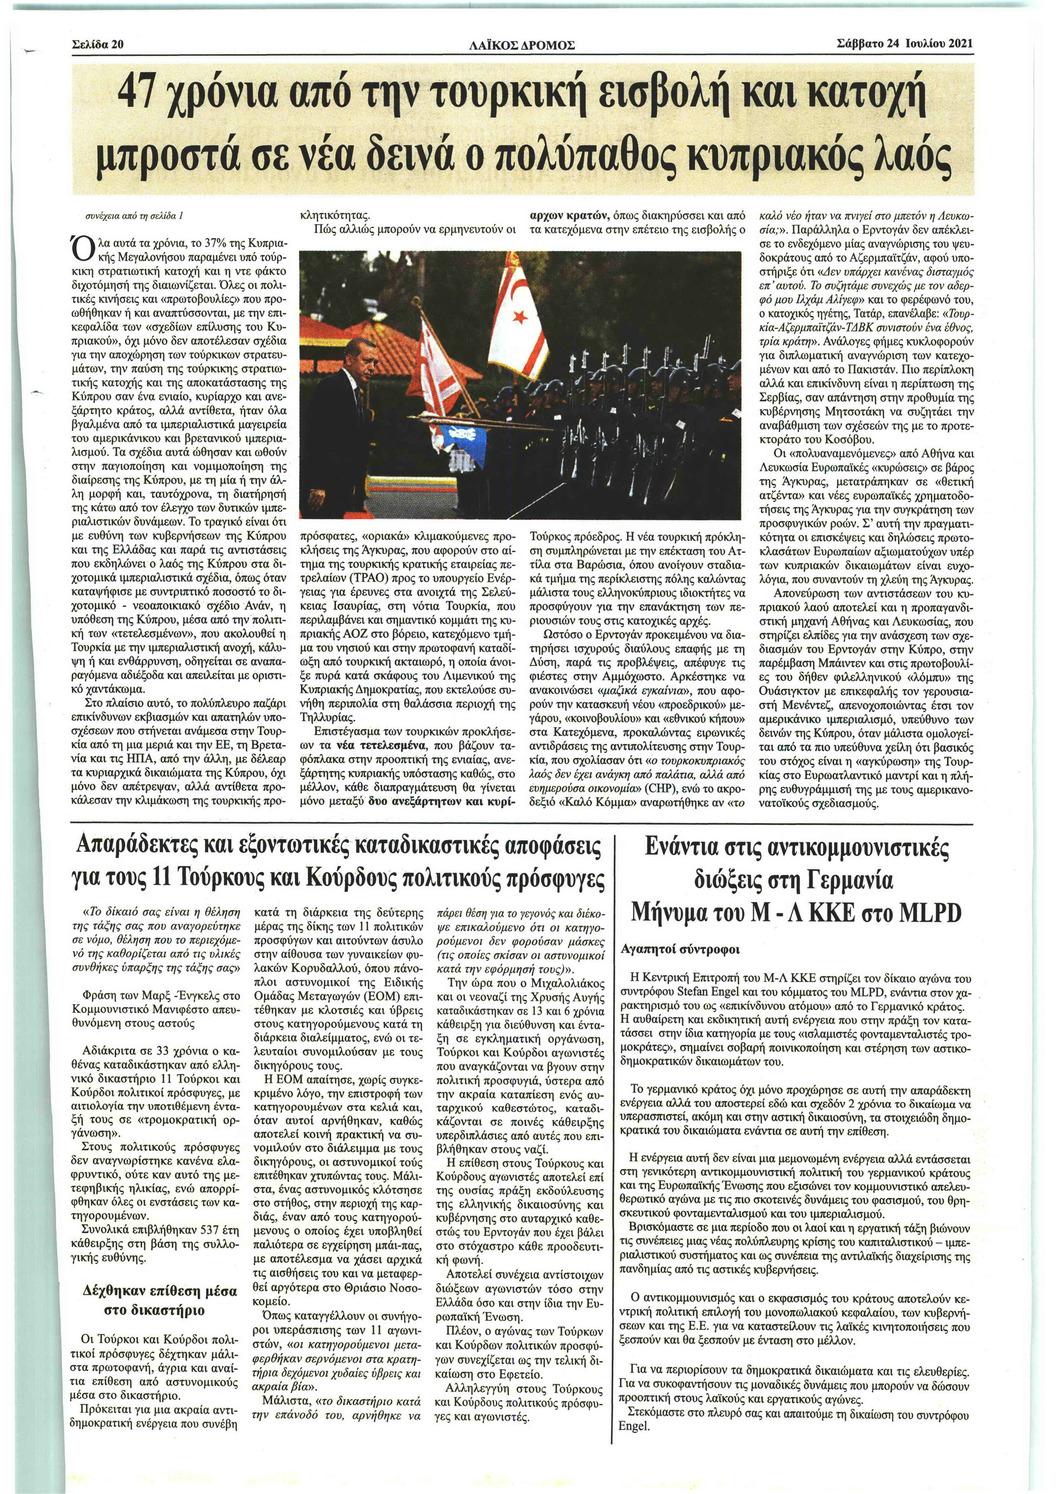 Οπισθόφυλλο εφημερίδας Λαϊκός Δρόμος